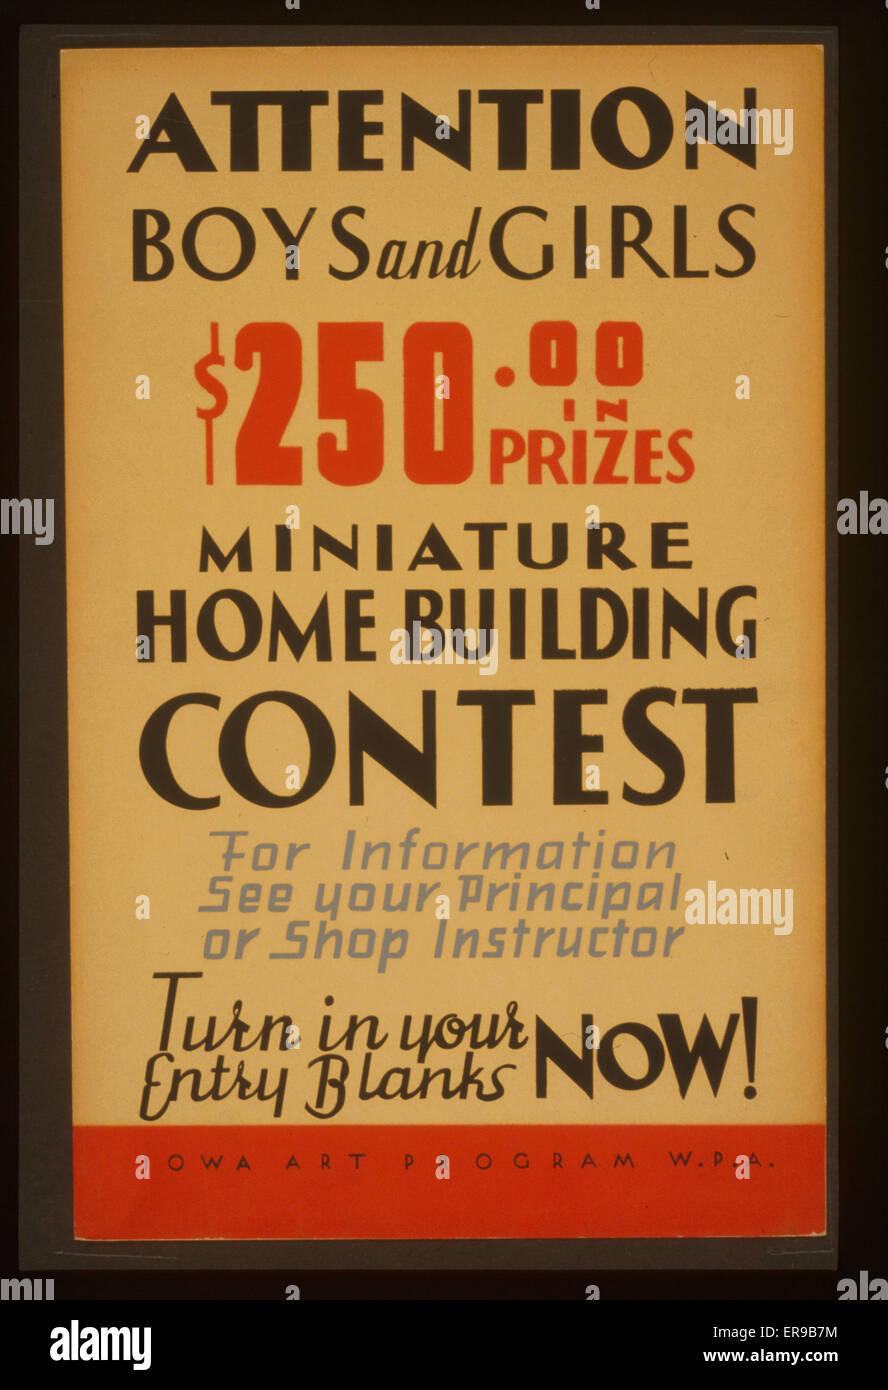 Attention les garçons et les filles - 250 $ en prix - concours de construction de maison miniature affiche Photo Stock